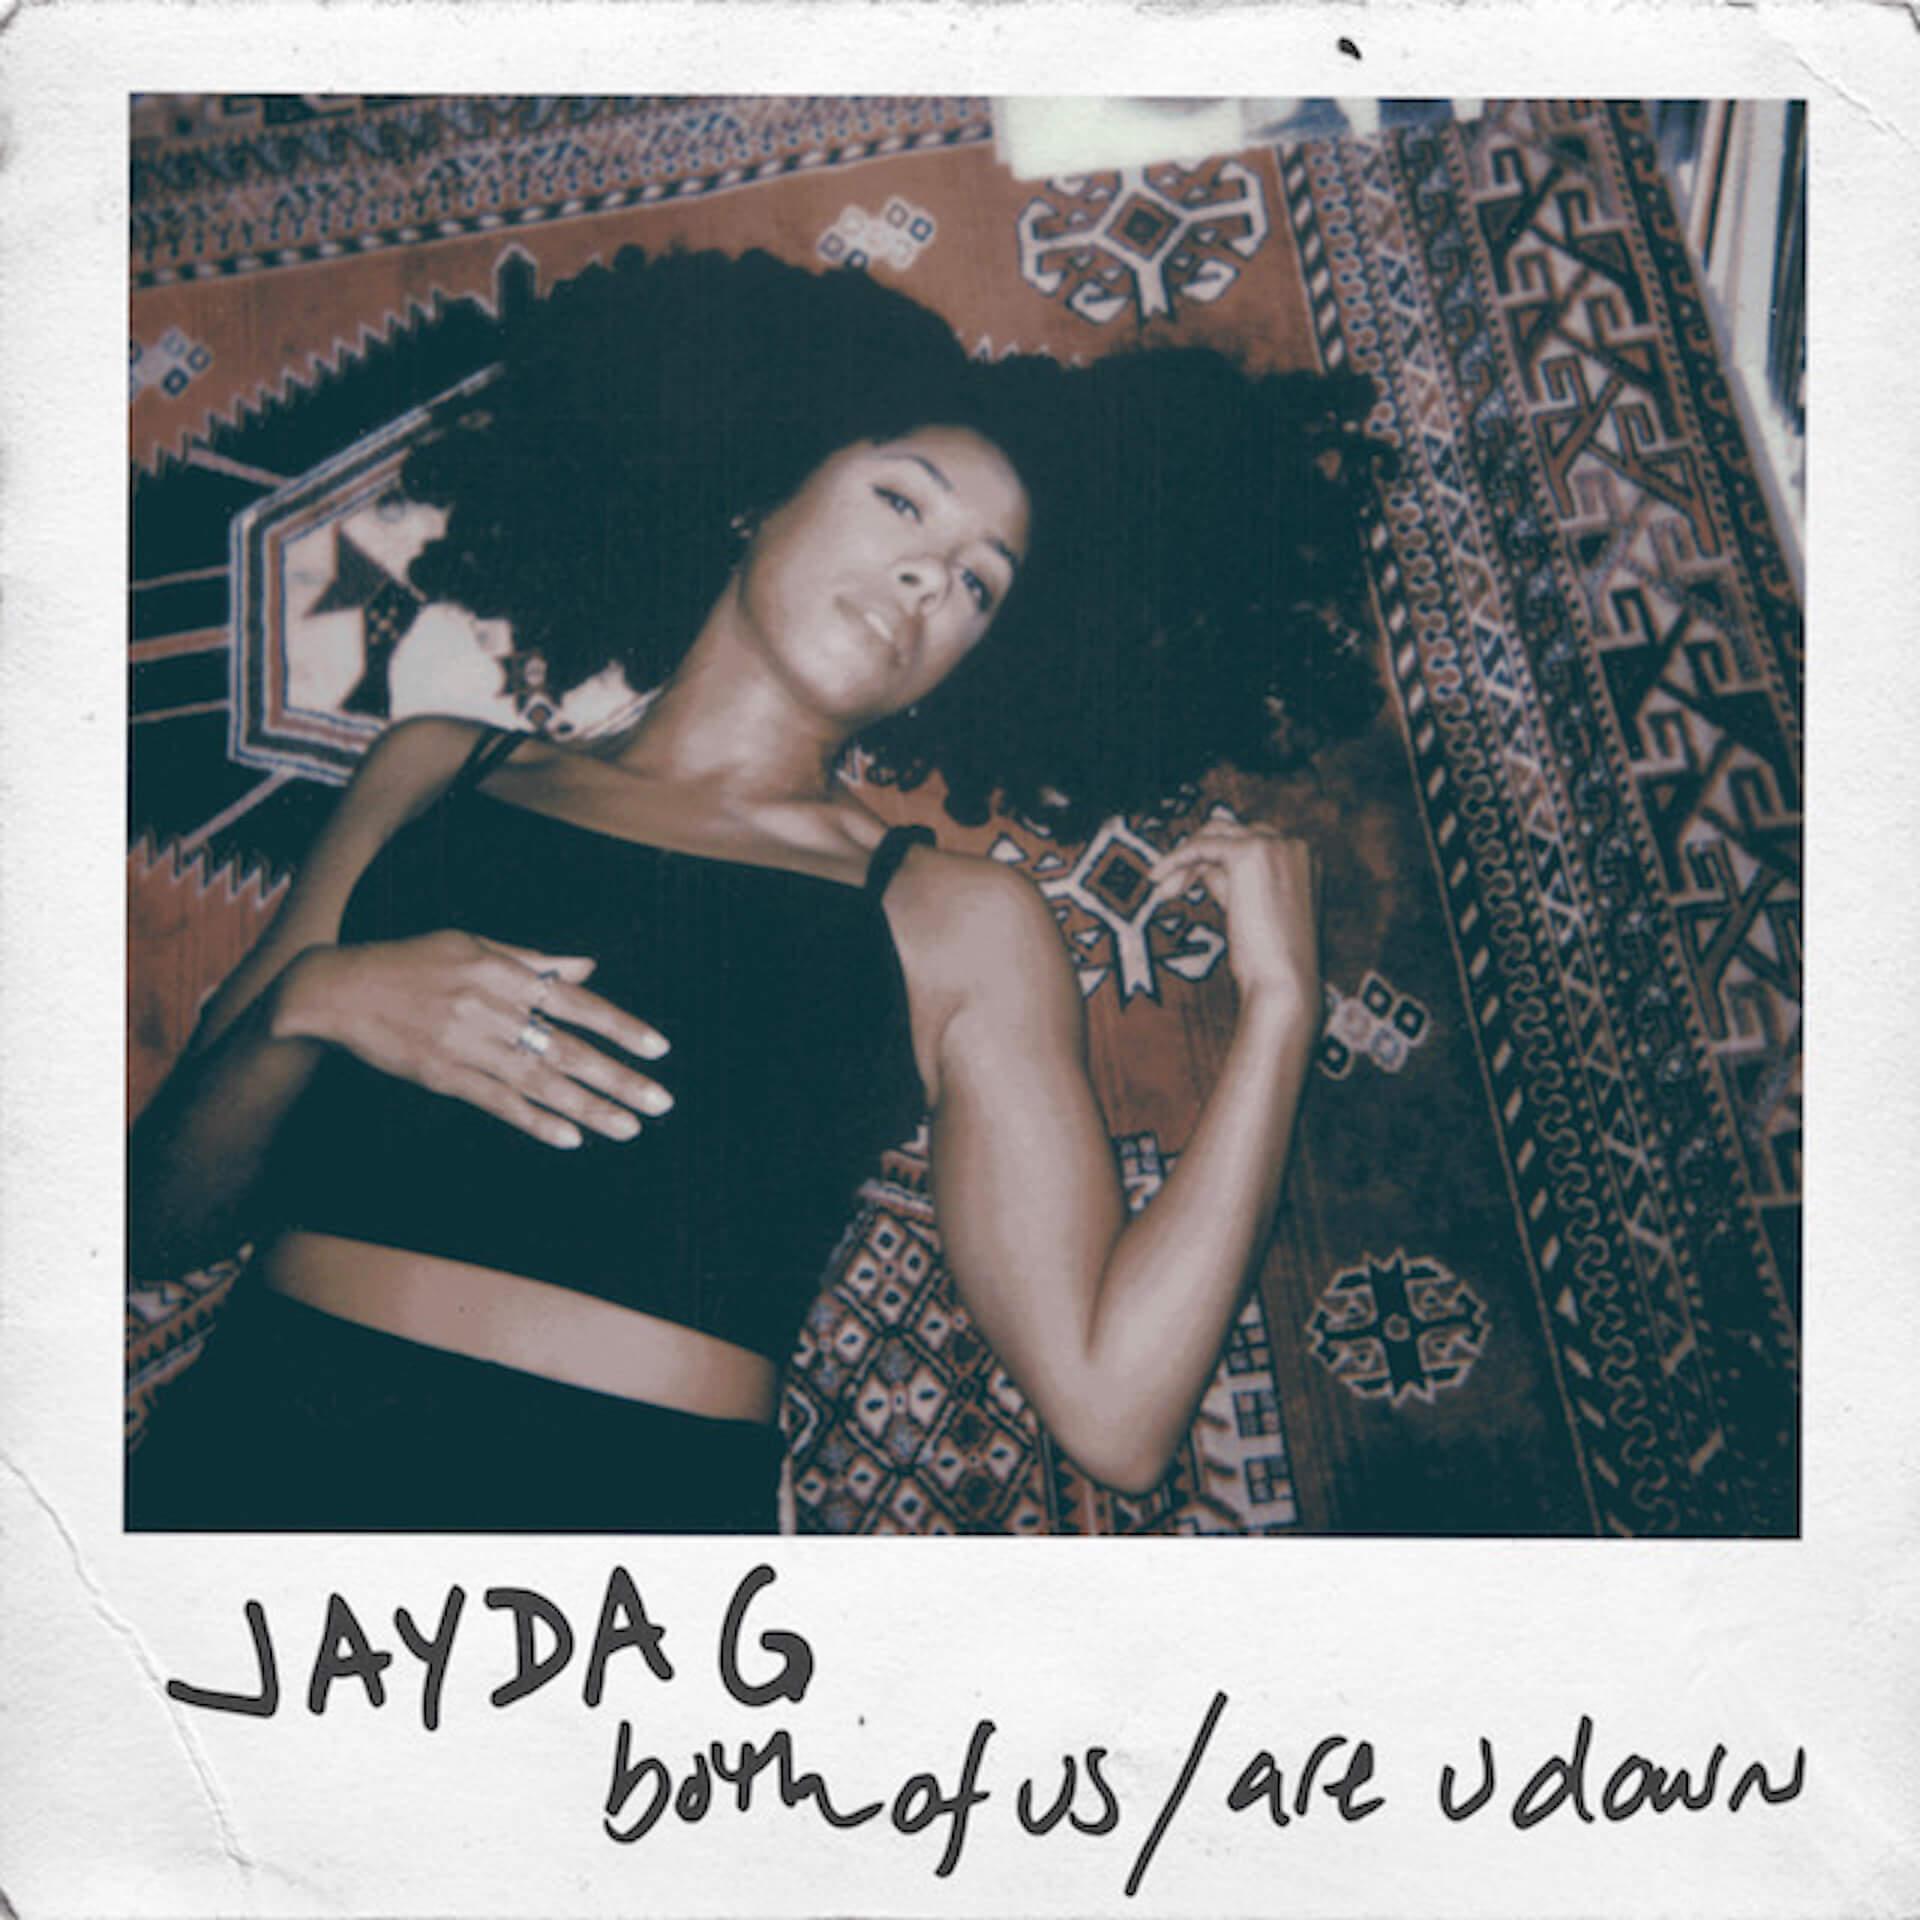 """Jayda Gが自身のDJセットで初披露した新曲""""Both Of Us""""をリリース 最新EP『Both Of Us / Are U Down』も発売決定 music200527_jaydag_1"""